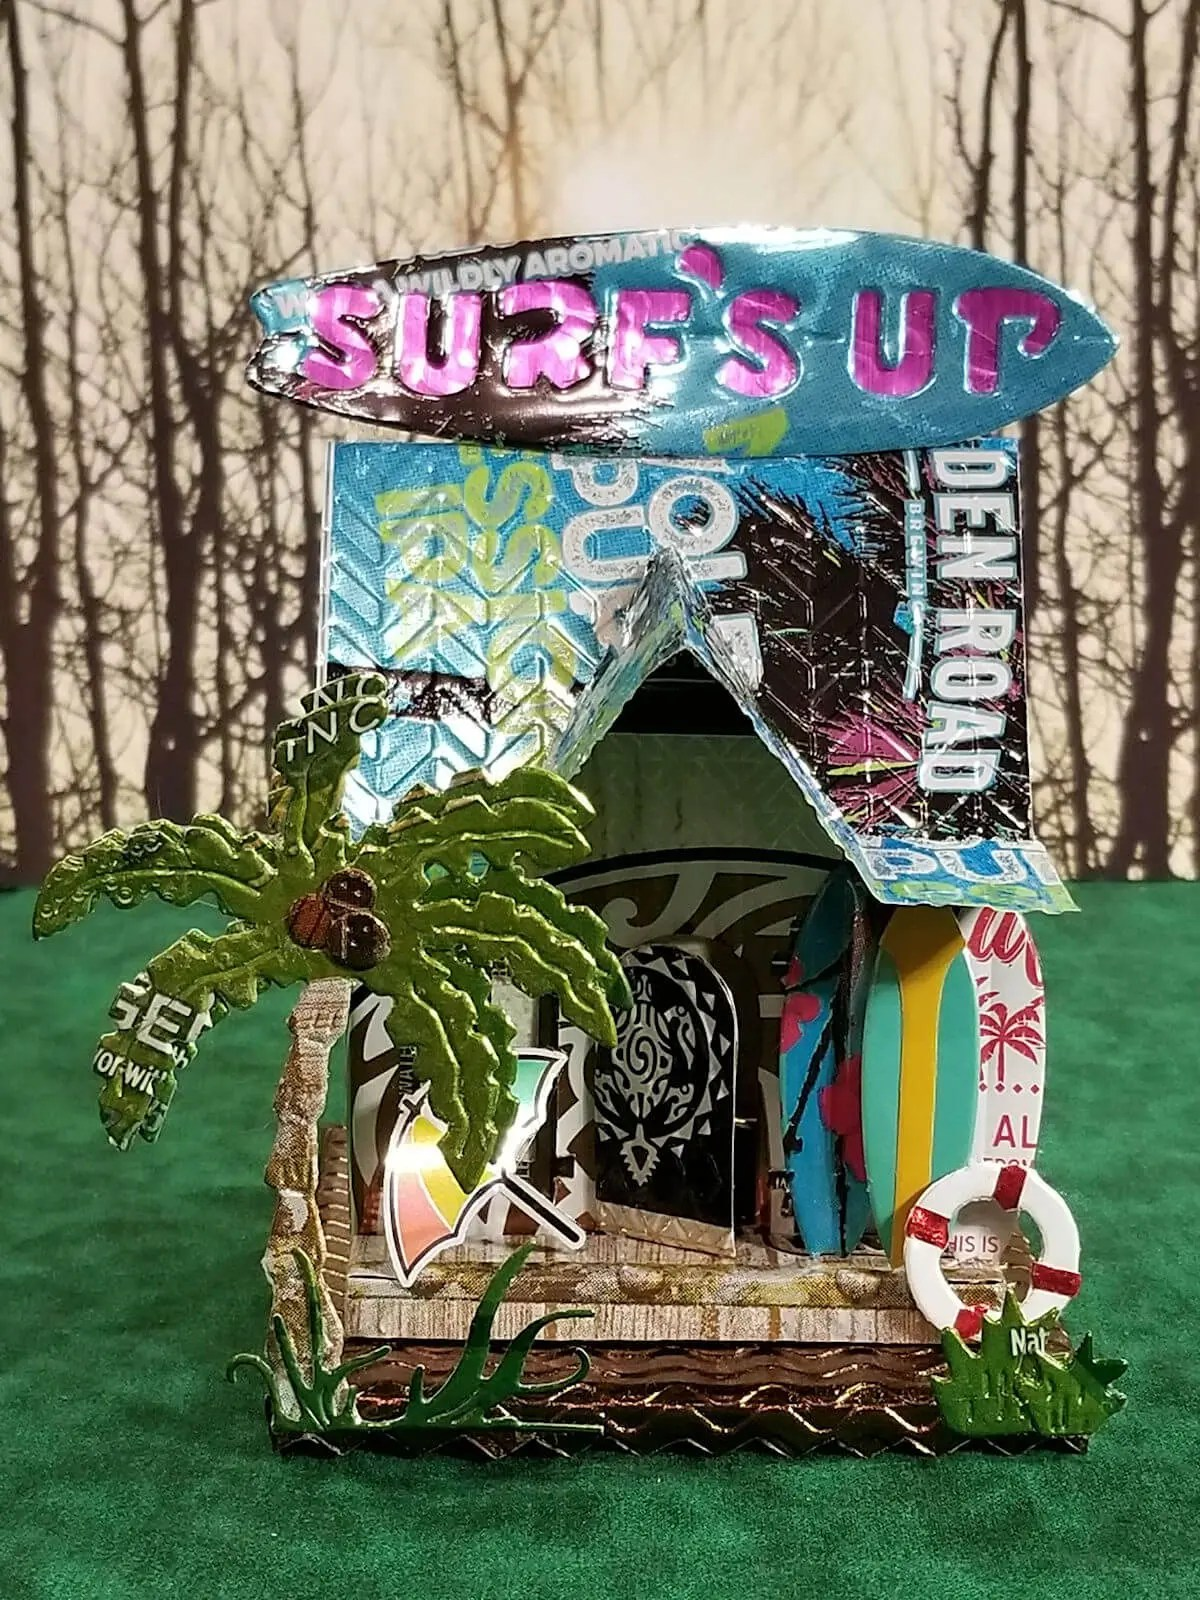 Surf Shop #1 aluminum can house